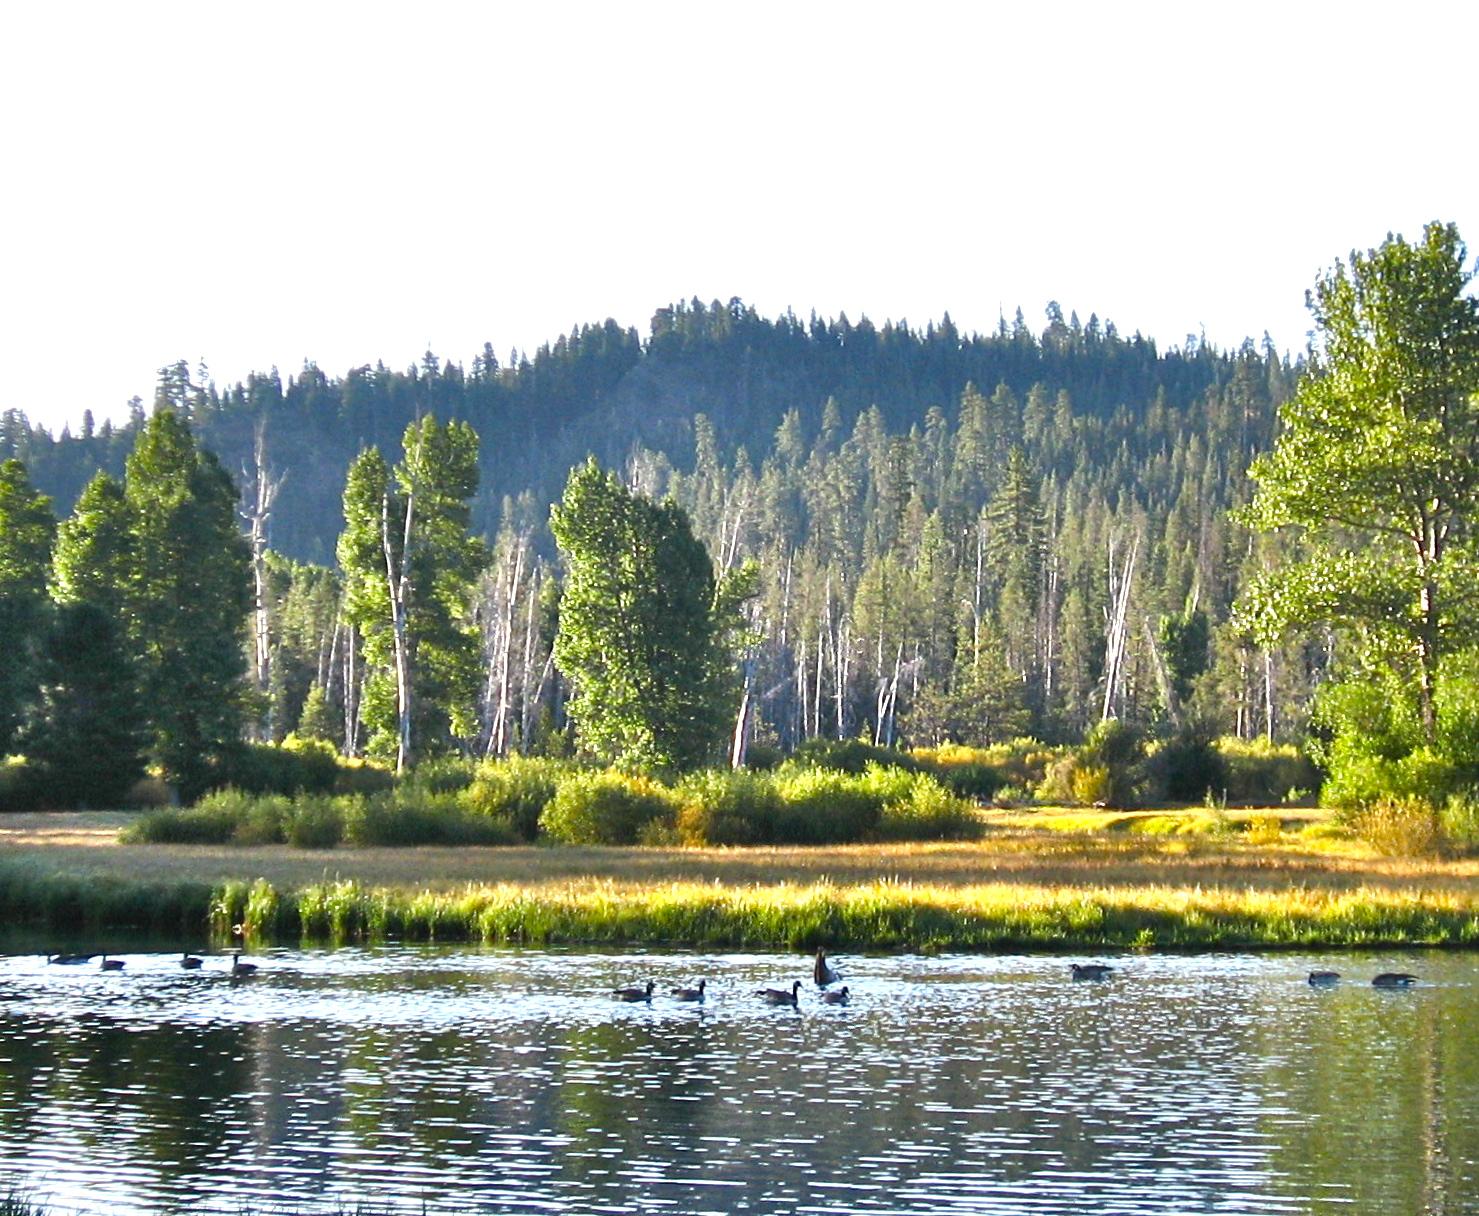 Waterbody in the Sierra Nevada